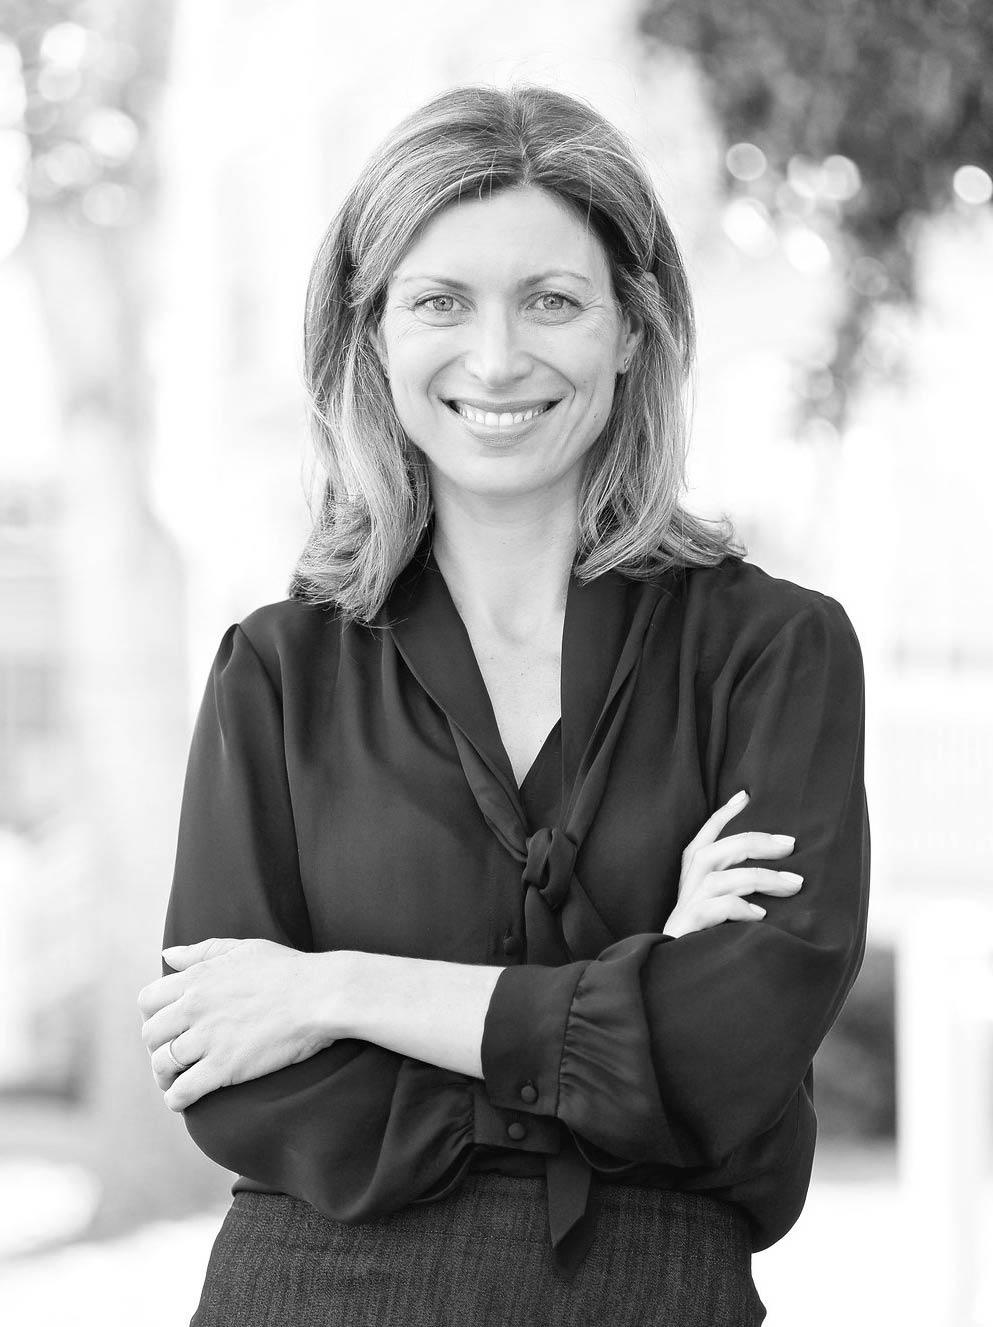 Kathleen-Kelly-Janus-Social-Entrepreneurship.jpg